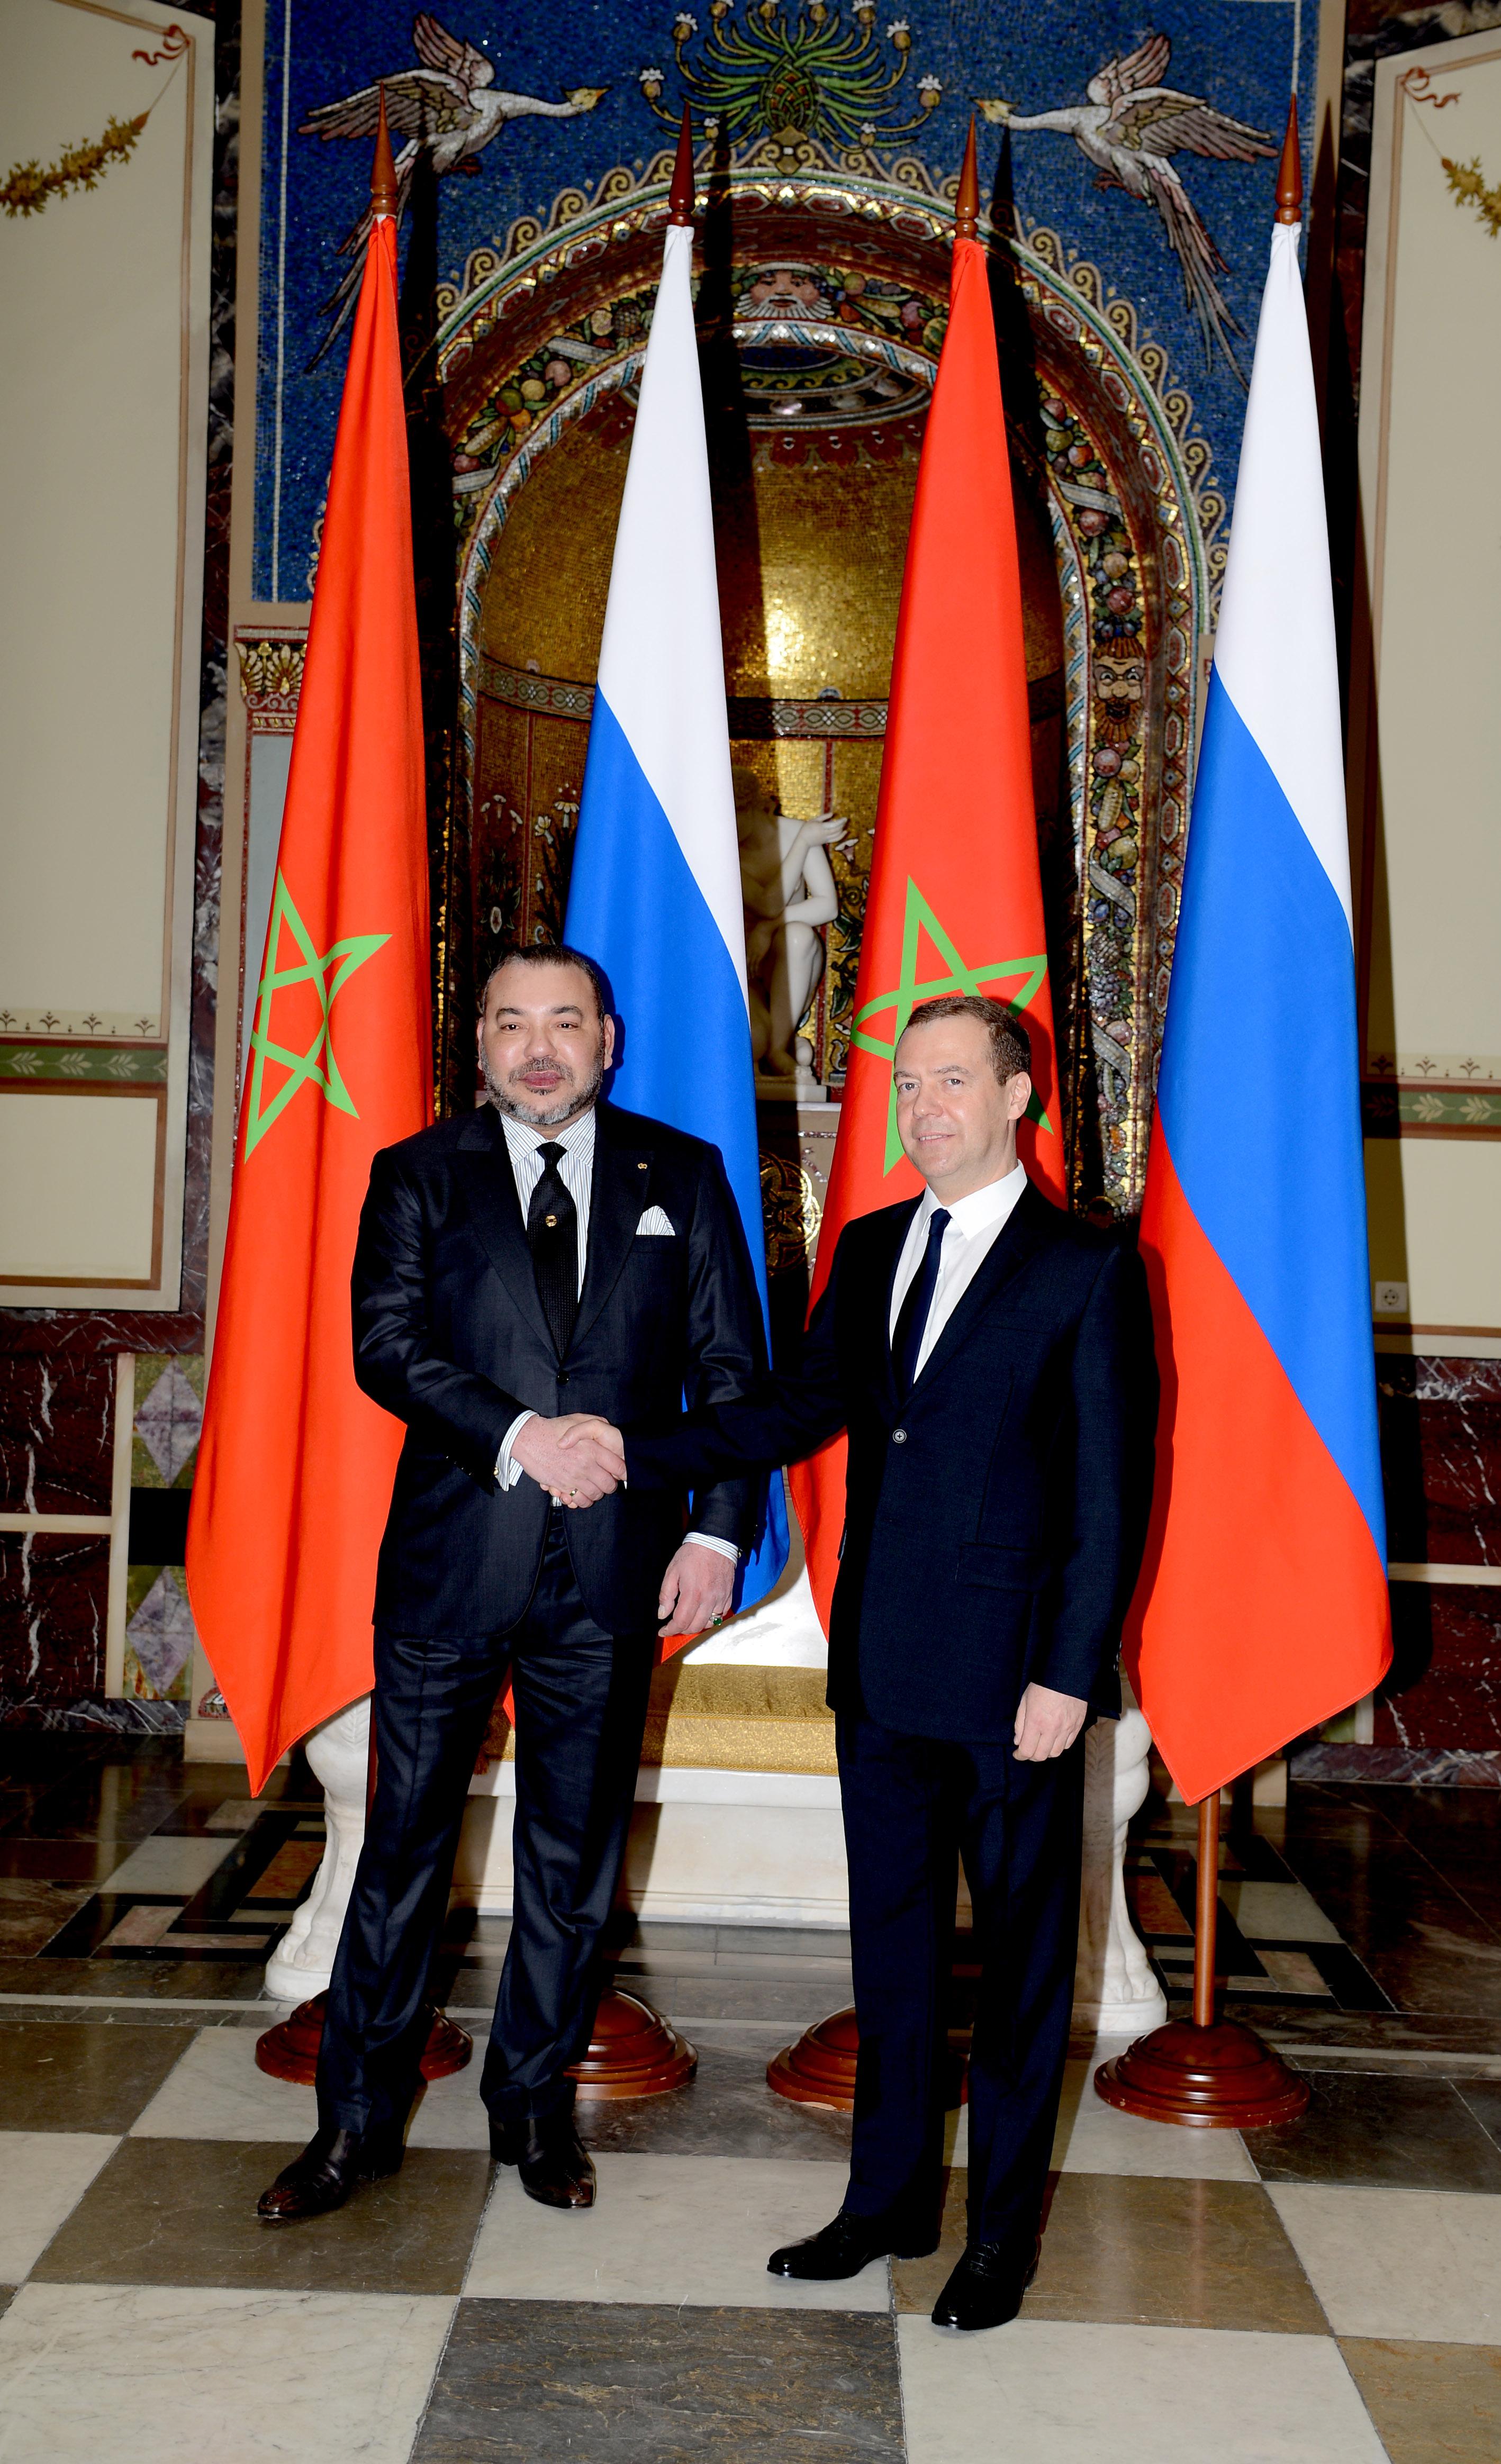 Sa Majesté le Roi Mohammed VI a eu, mercredi à Moscou, des entretiens avec le Premier ministre russe, M. Dimitri Medvedev.